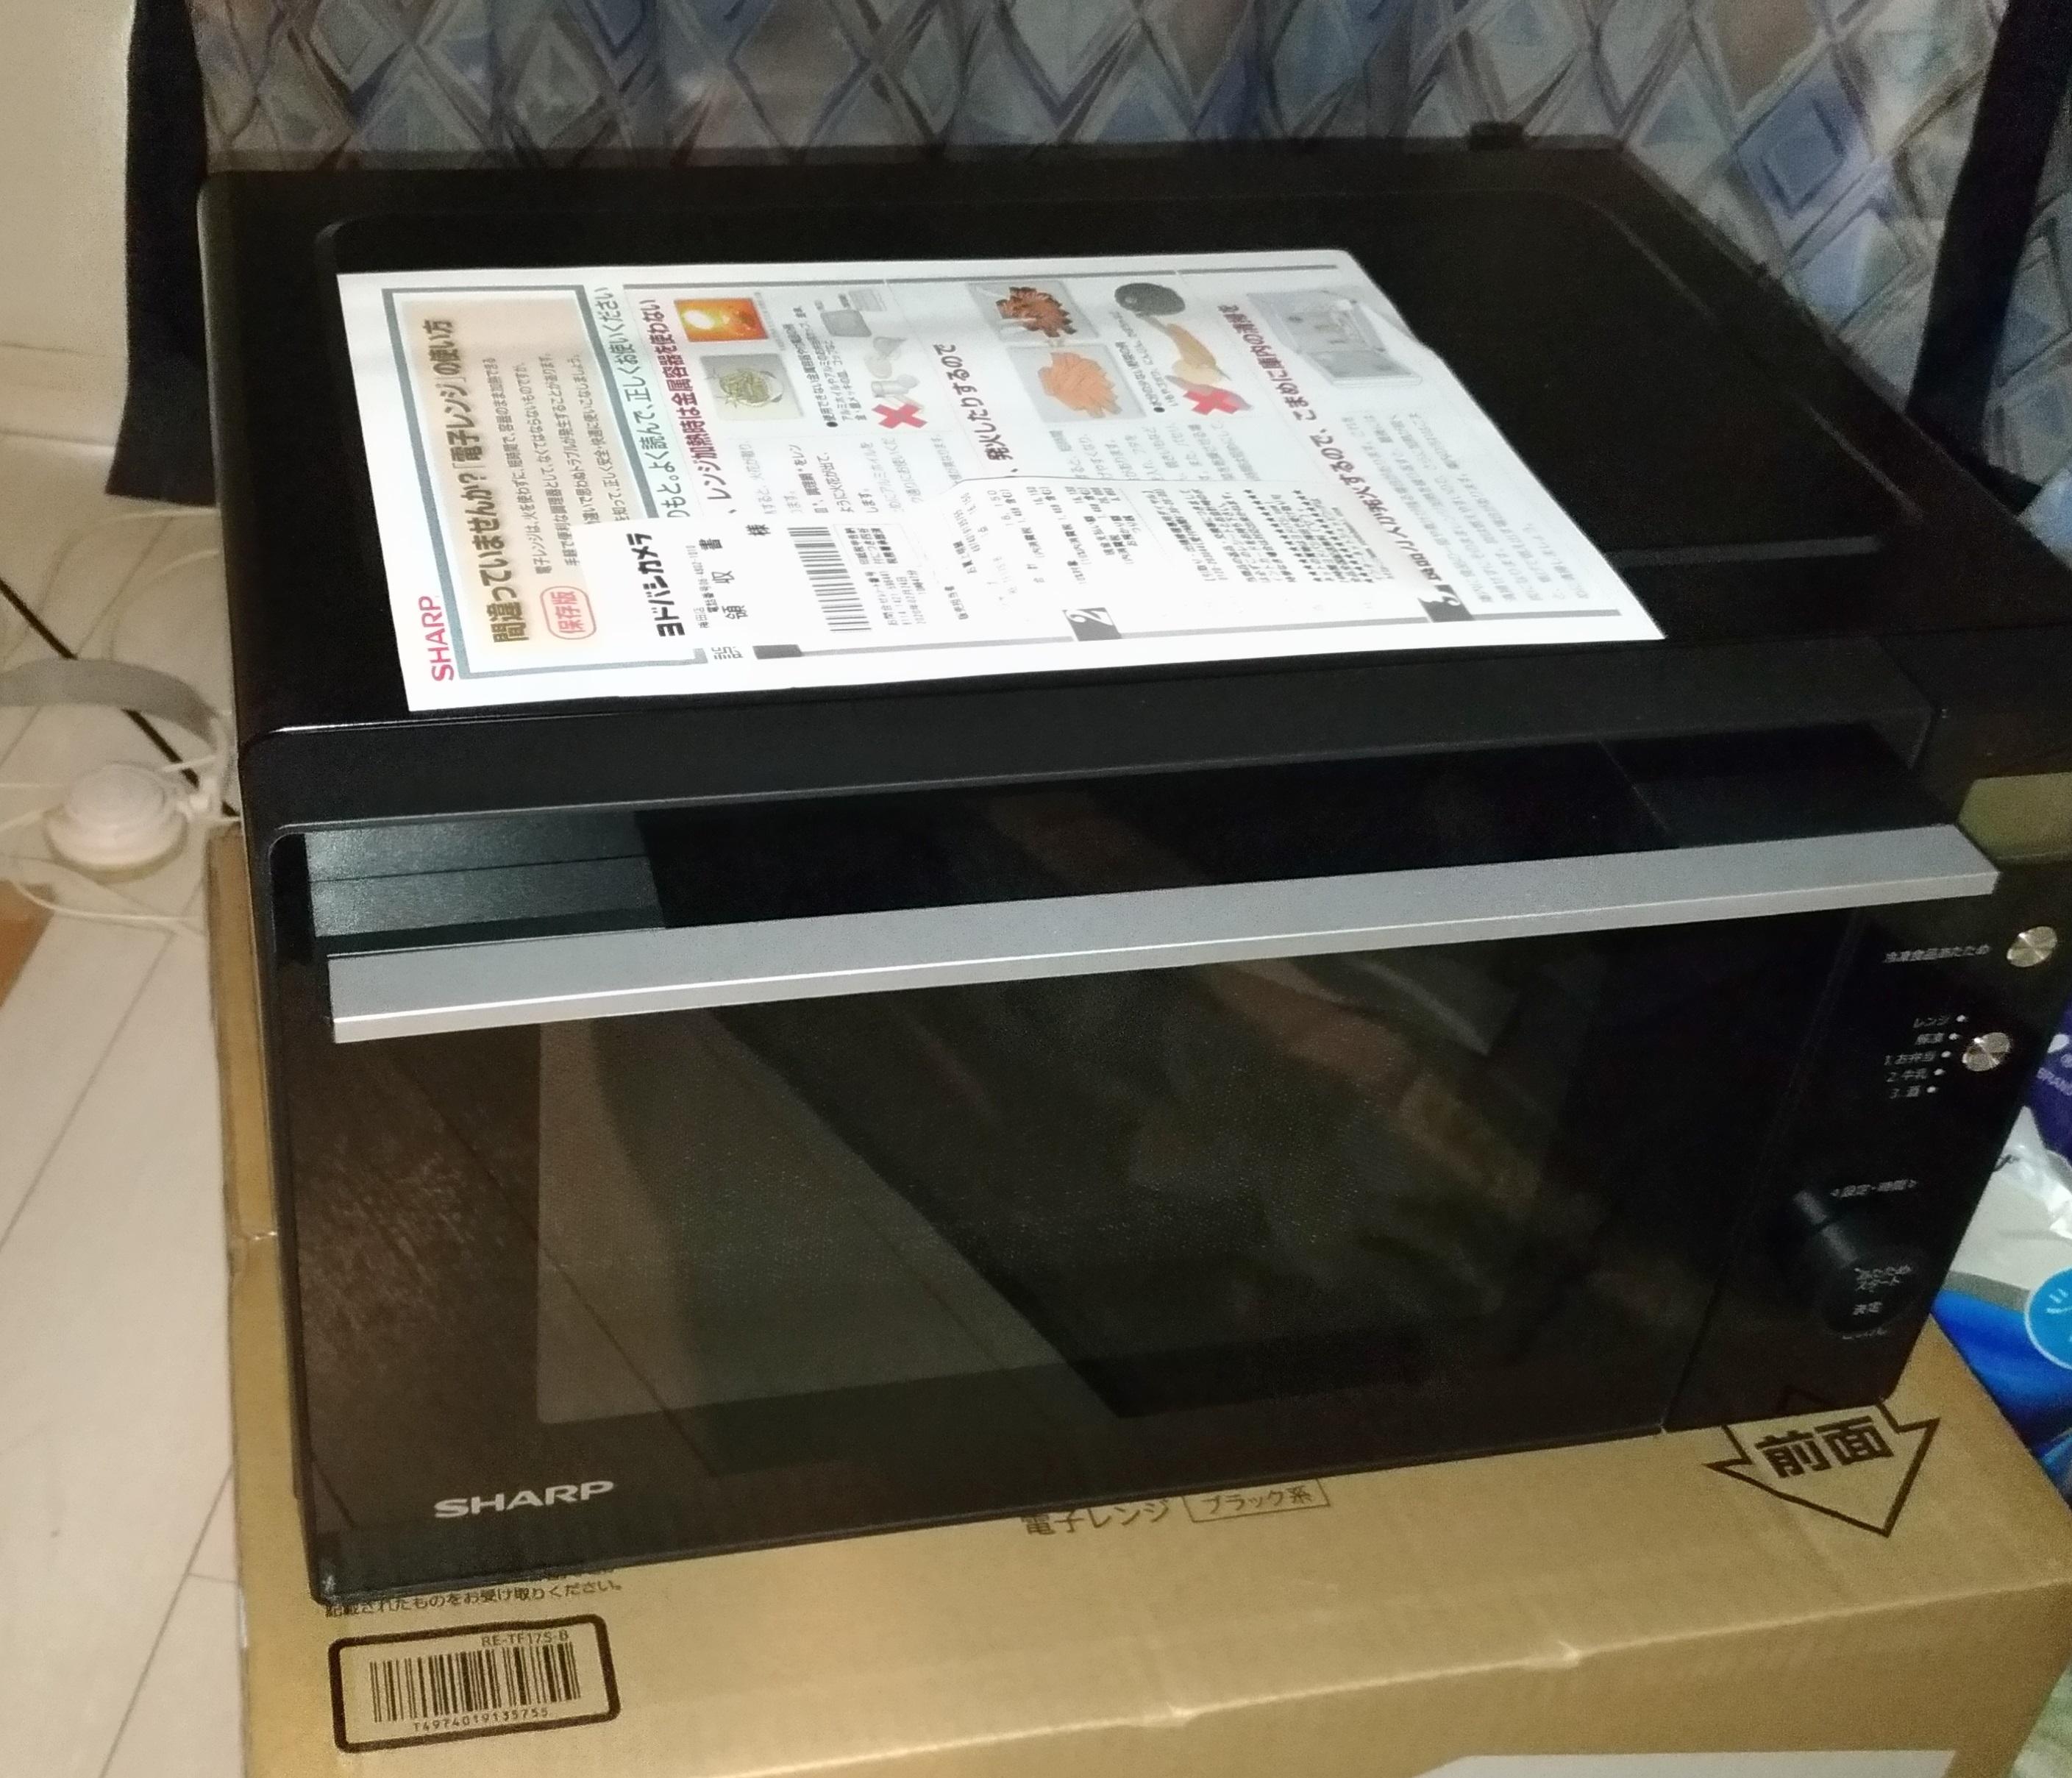 sharp_microwave_oven_2020_hitori_3.jpg